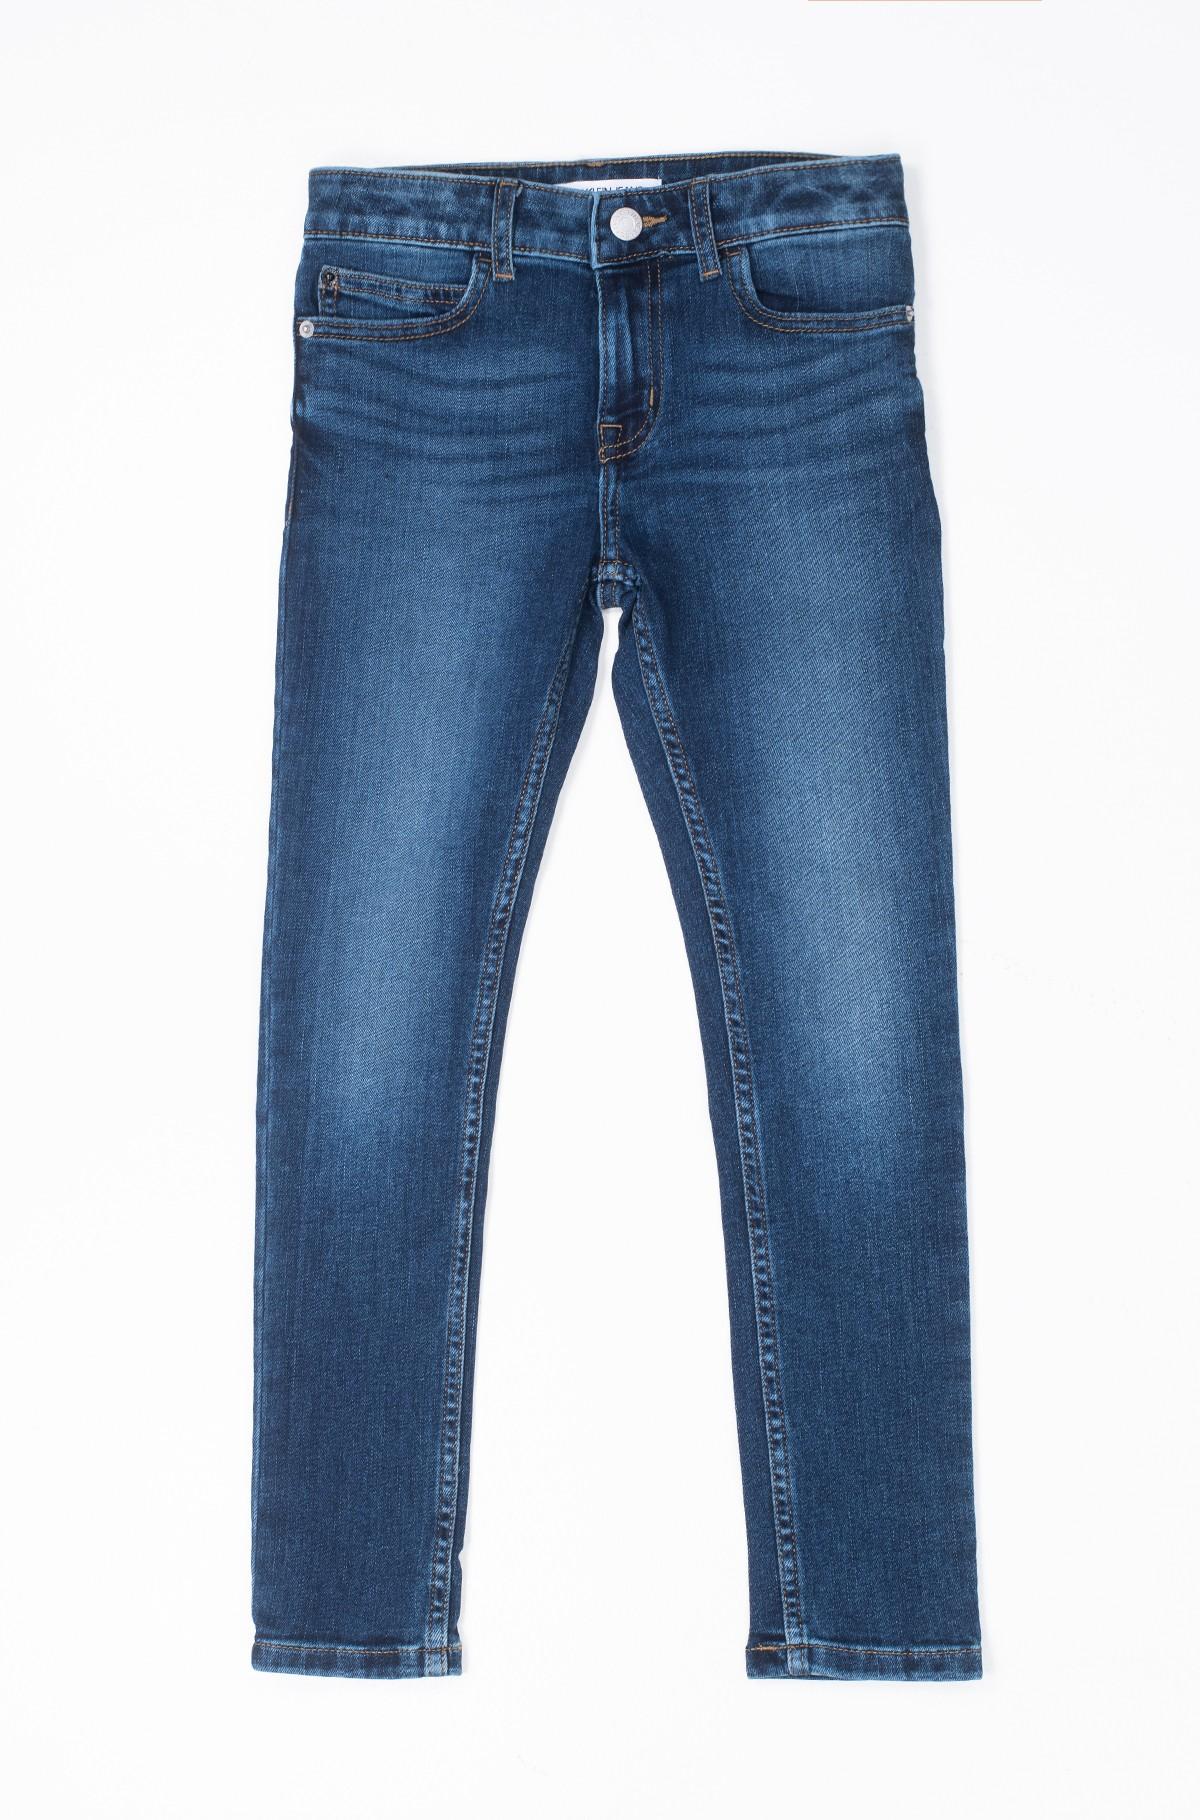 Vaikiškos džinsinės kelnės SKINNY MR ESSENTIAL BLUE STR-full-1